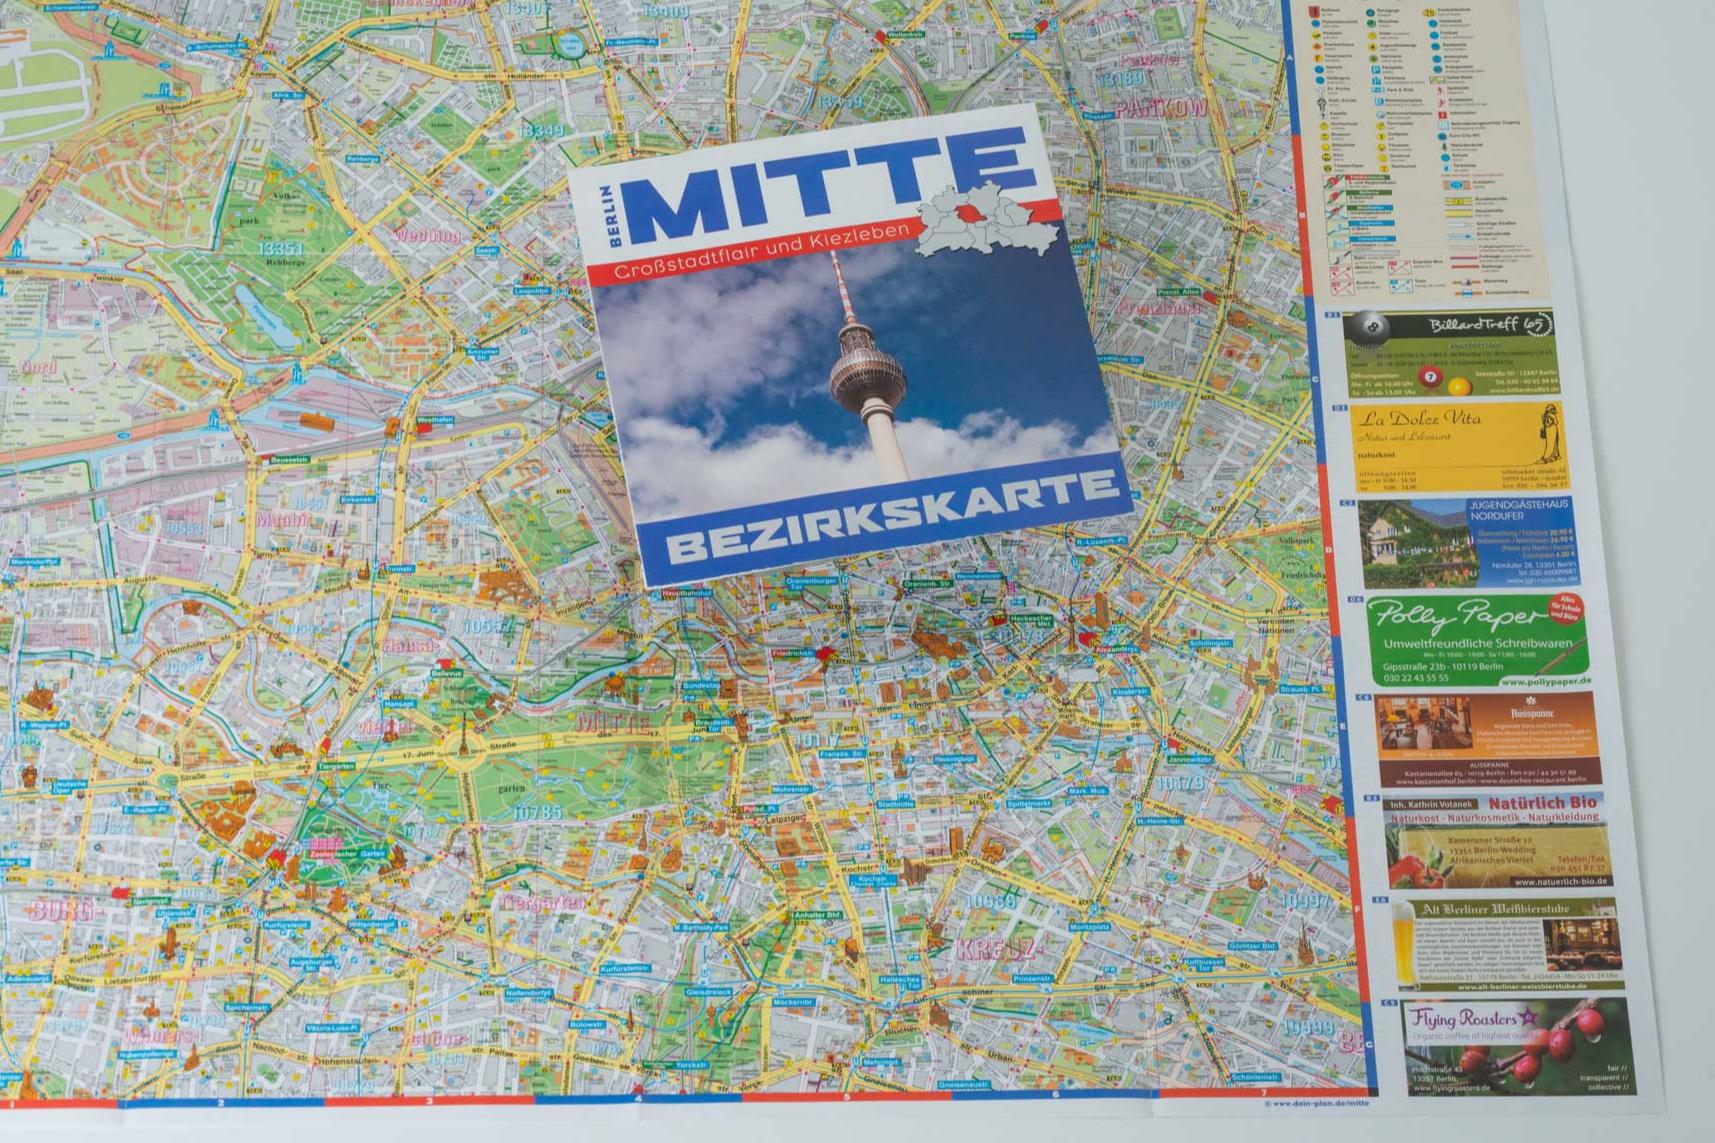 Bezirkskarte - Außerordentlich beliebt bei unserer Leserschaft sind die jeder Bezirksbroschüre beiliegenden Bezirkskarten. Auch hier besteht die Möglichkeit eine Anzeige zu platzieren.